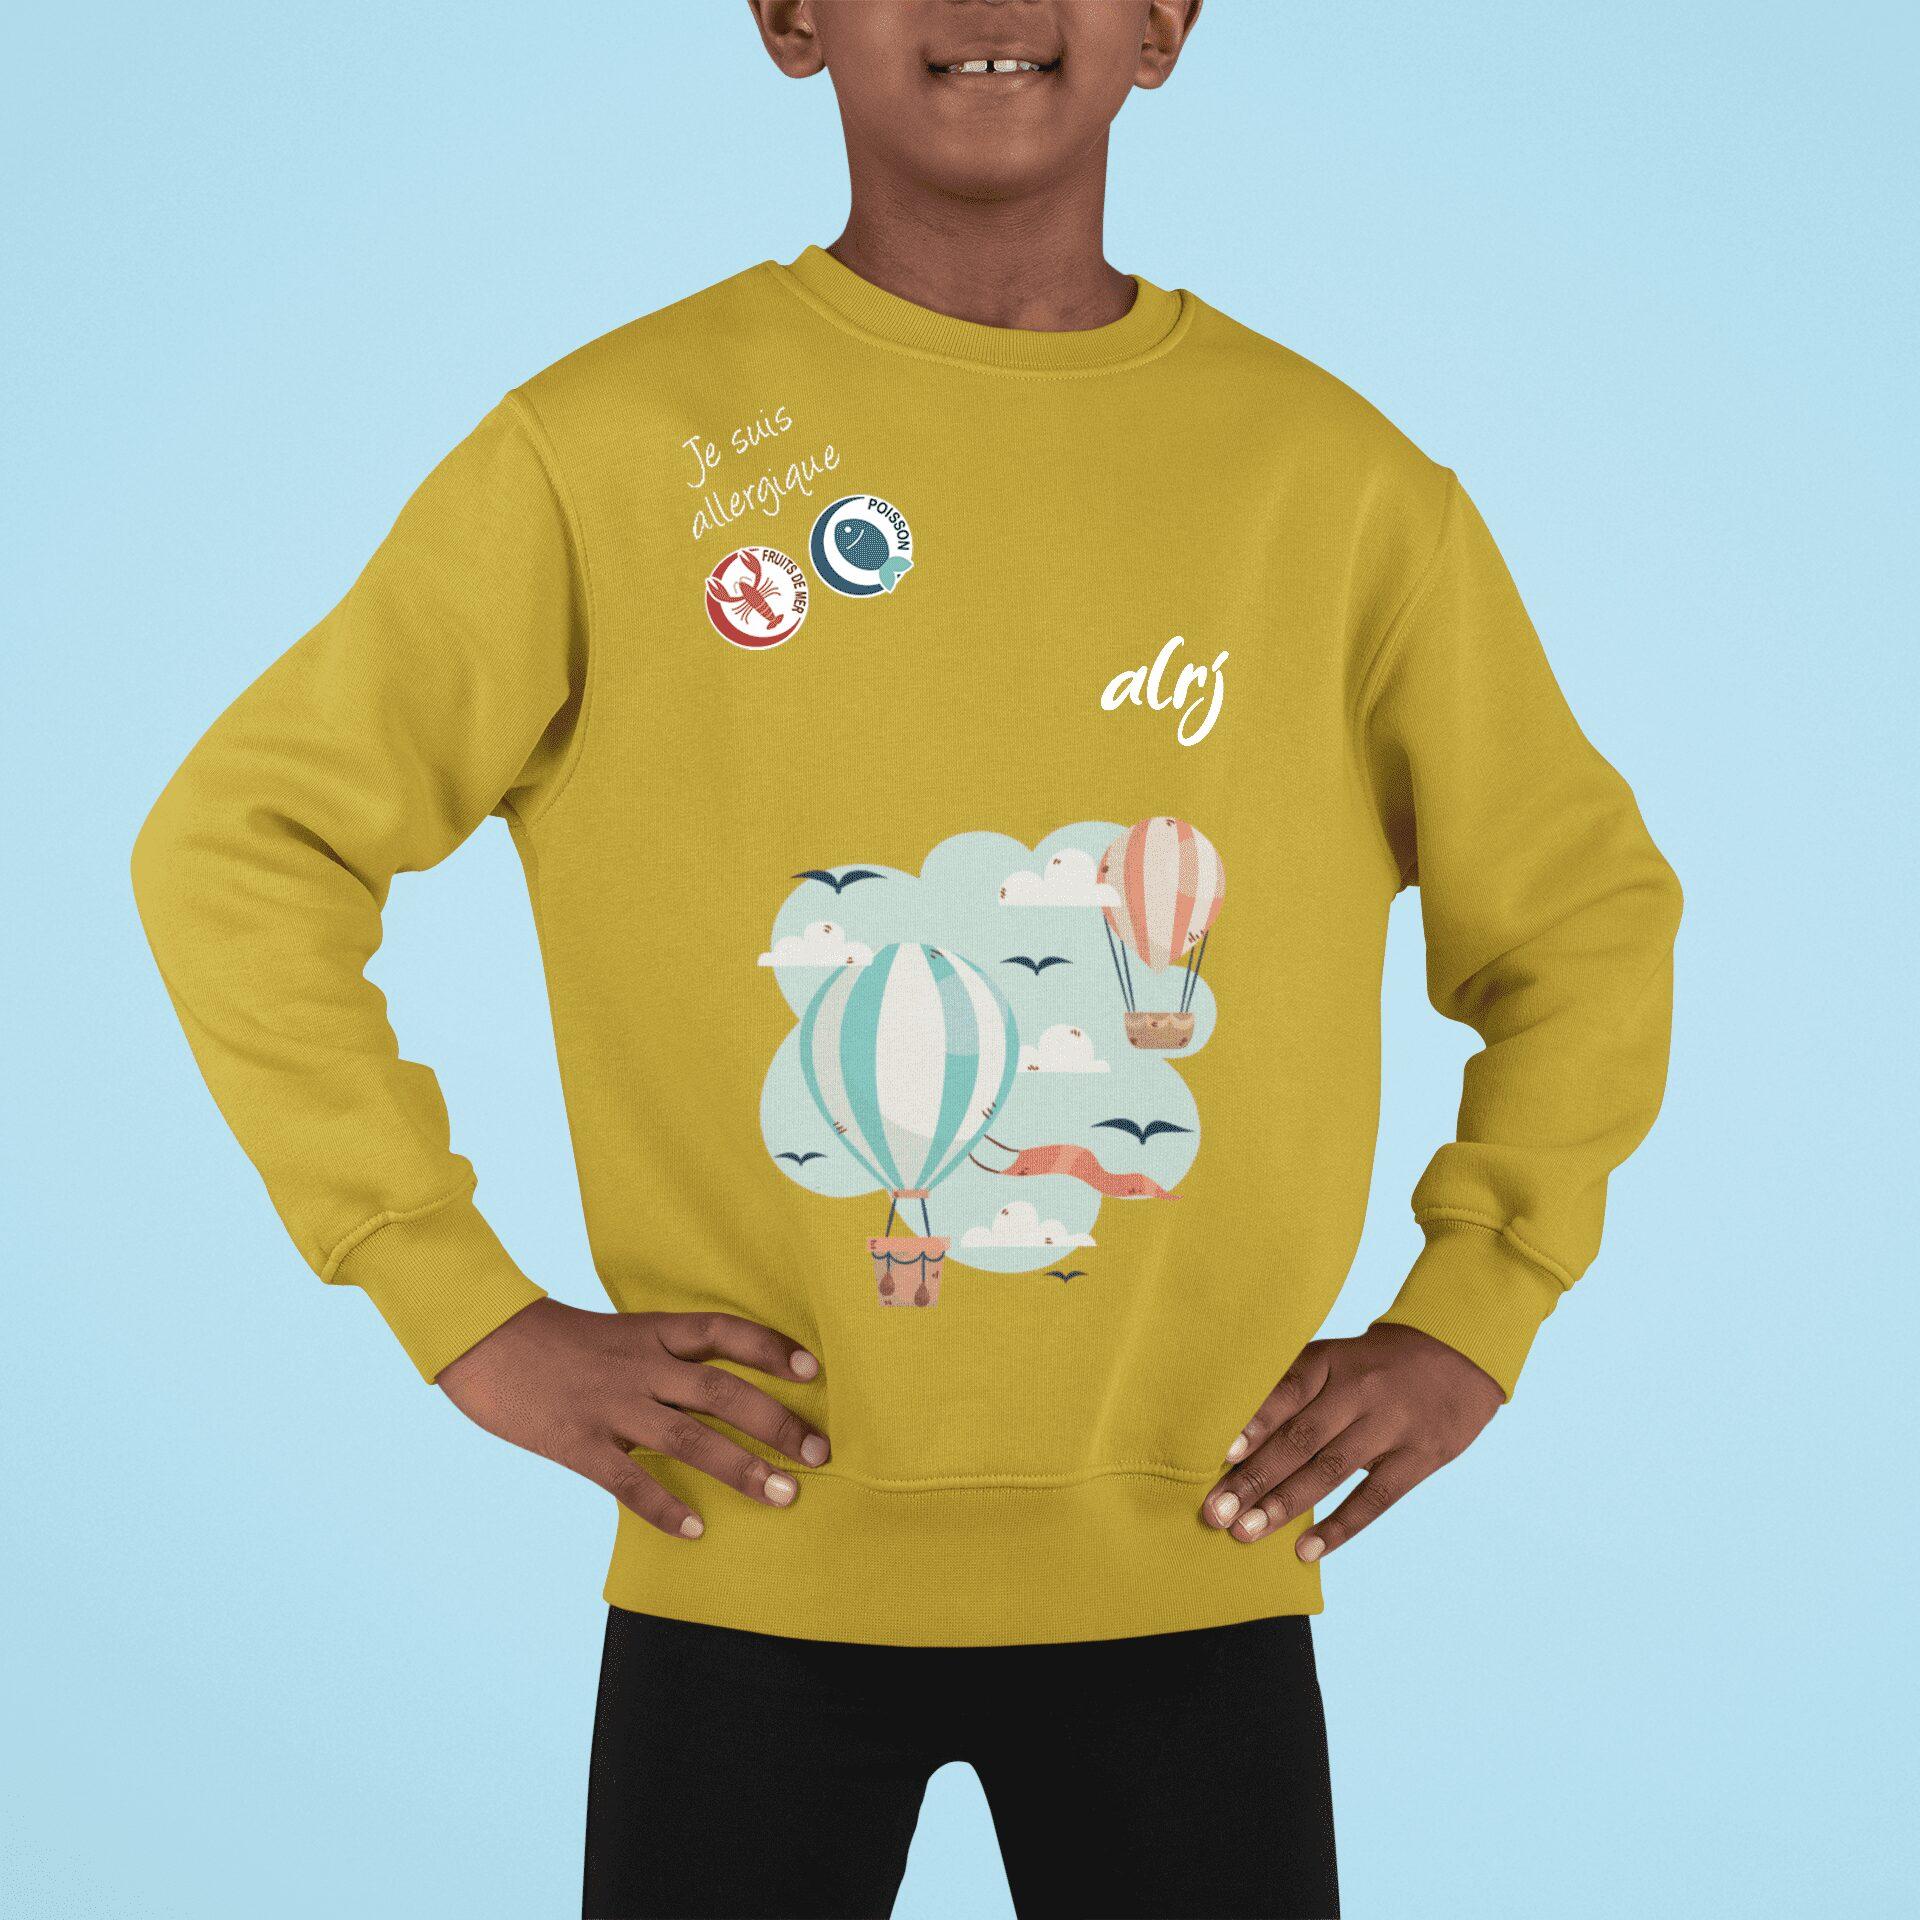 garçon portant un pull alrj affichant ses allergies alimentaires motif montgolfière